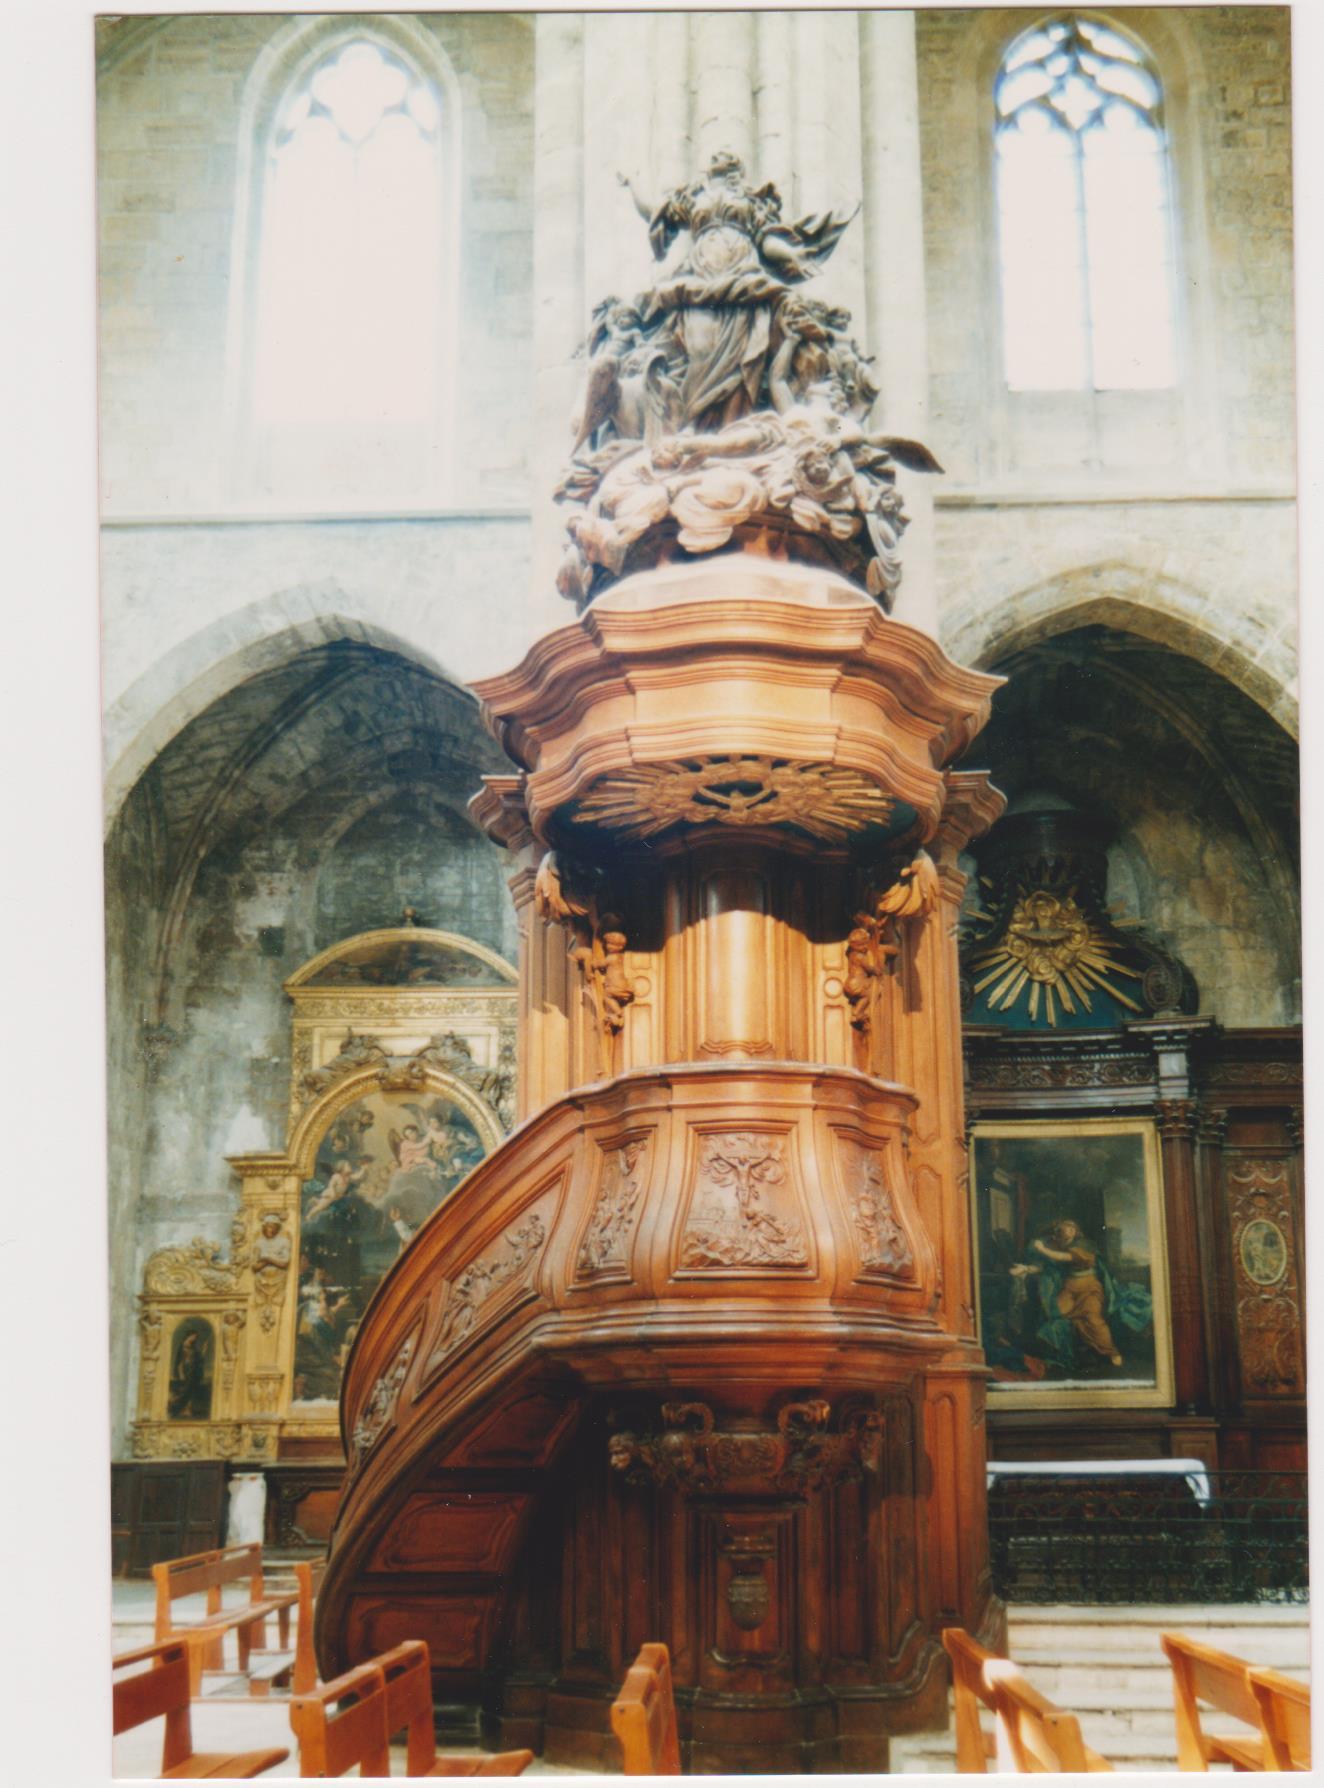 La chaire à prêcher de Saint-Maximin-la-Sainte-Baume